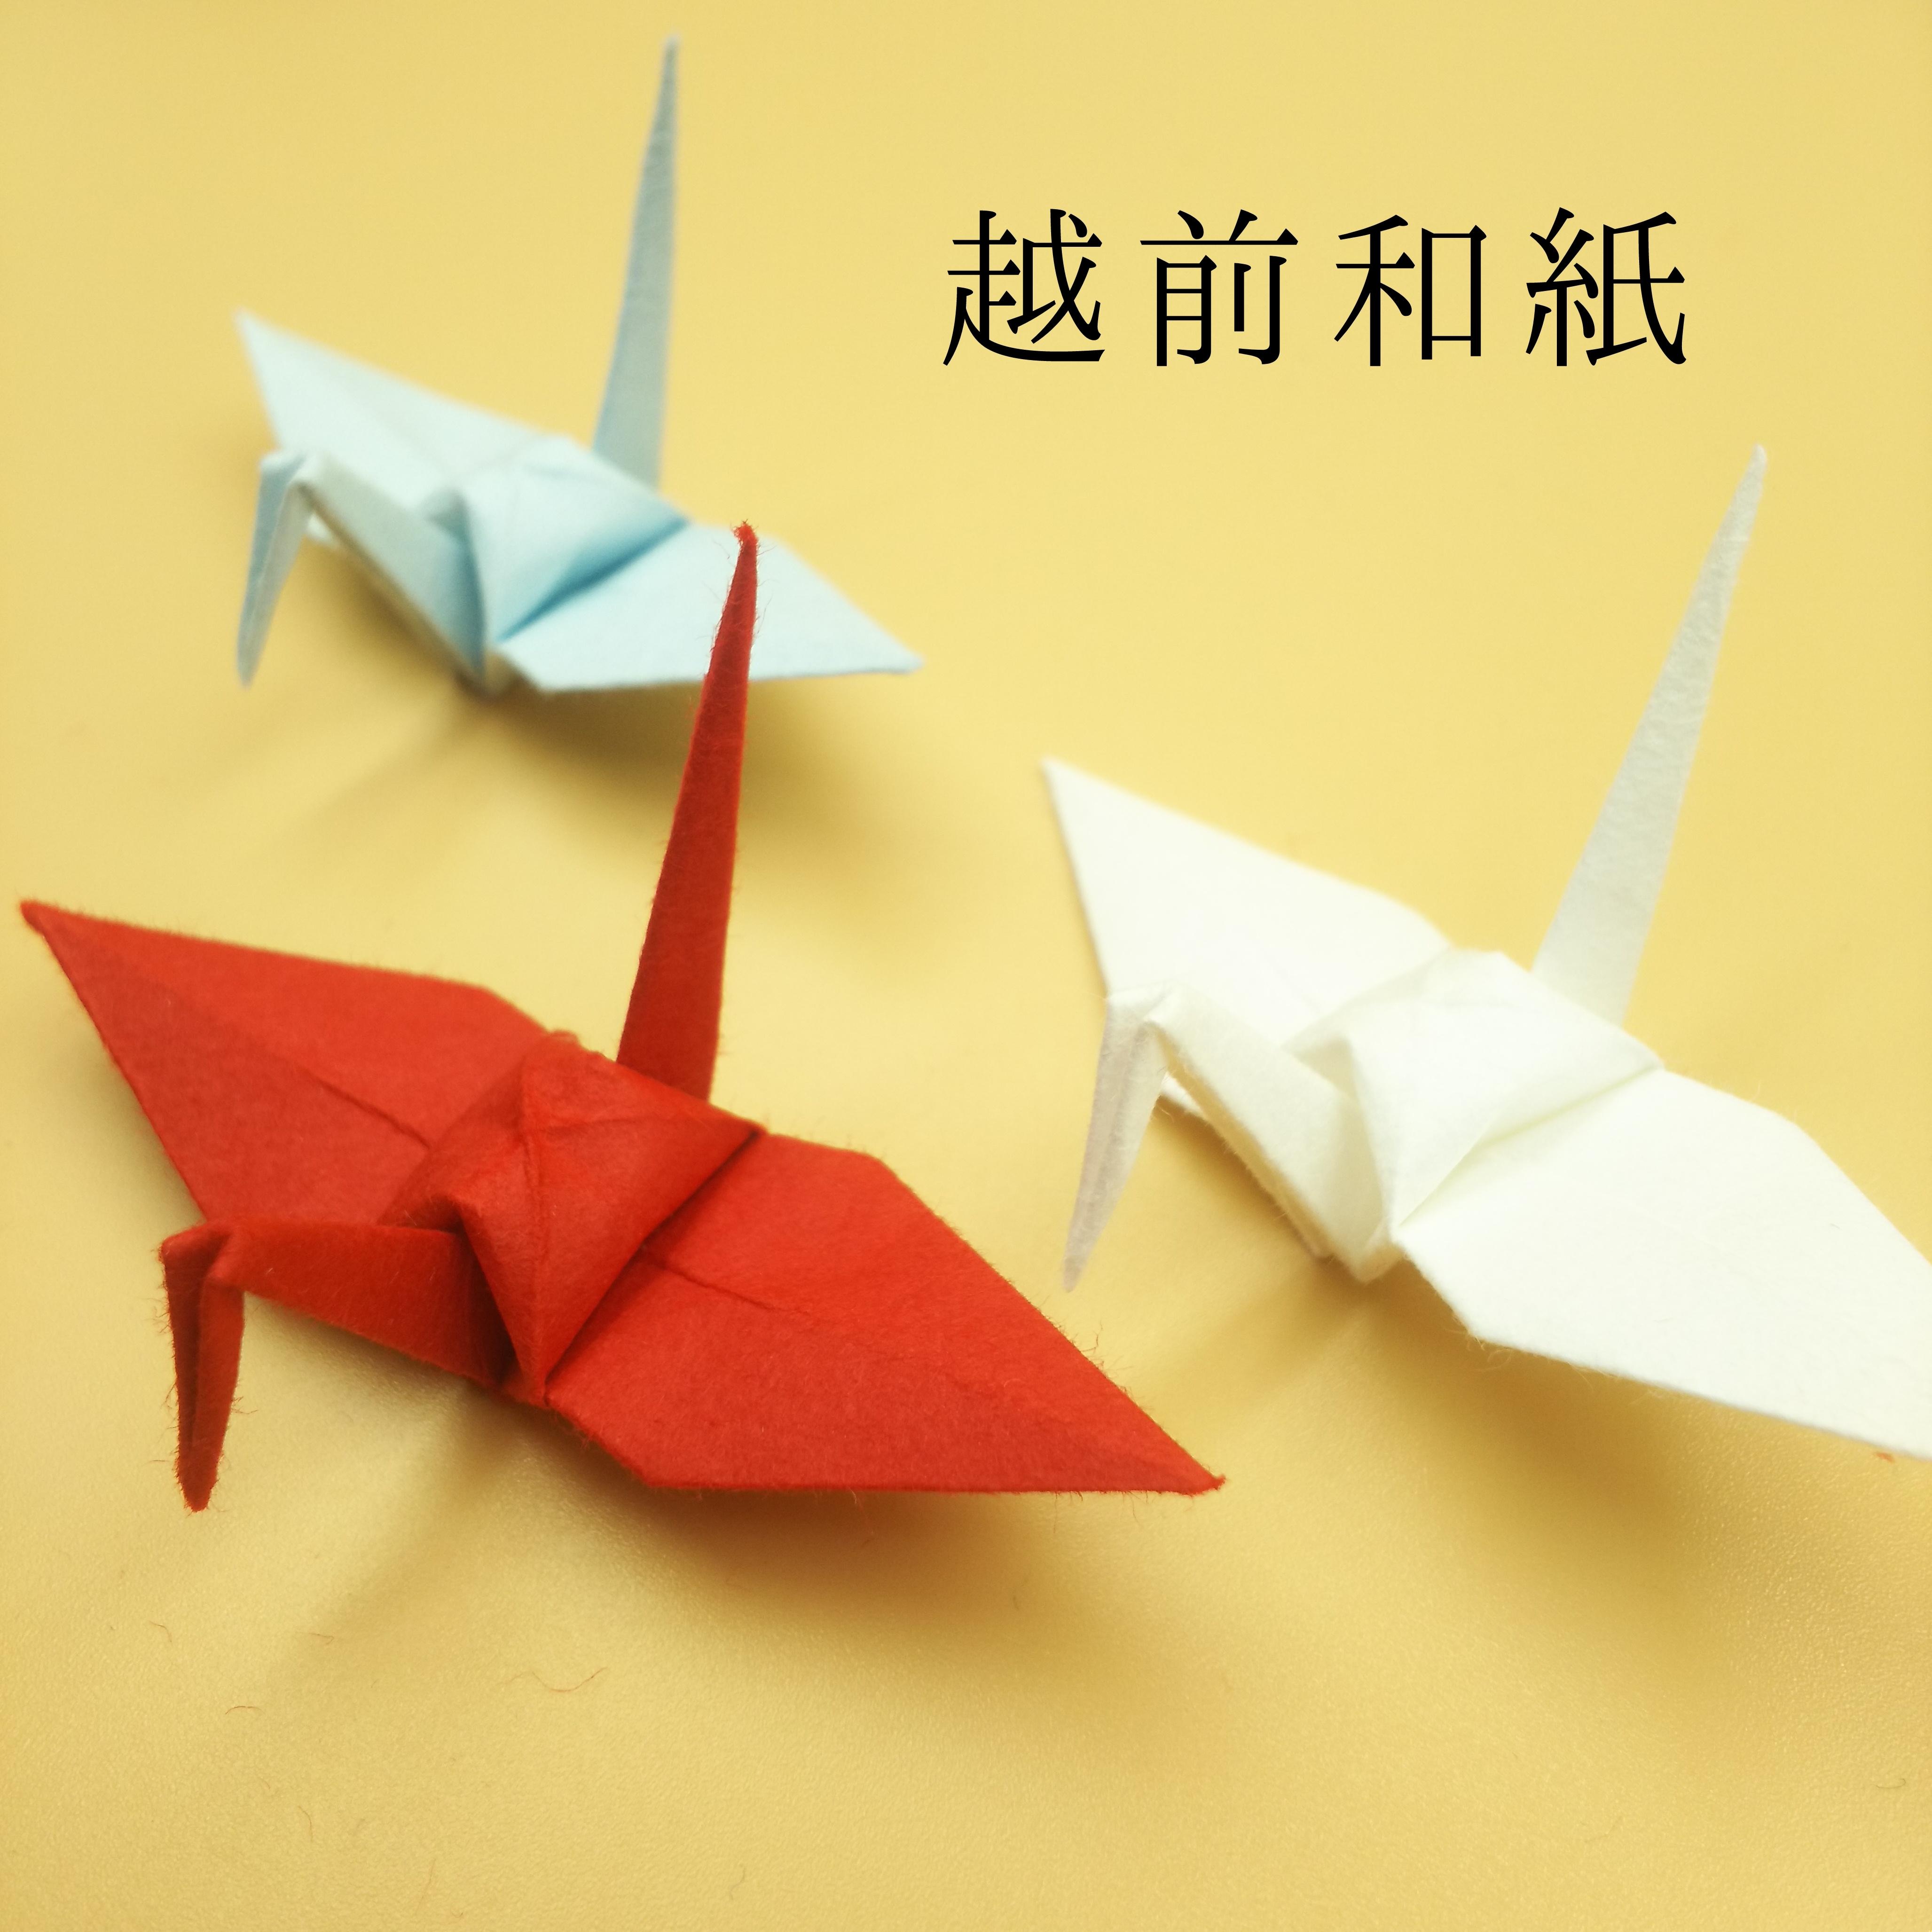 越前和紙による伝統色の折り鶴(神前式、和装婚折り鶴シャワー演出・和風撮影小物) 100羽